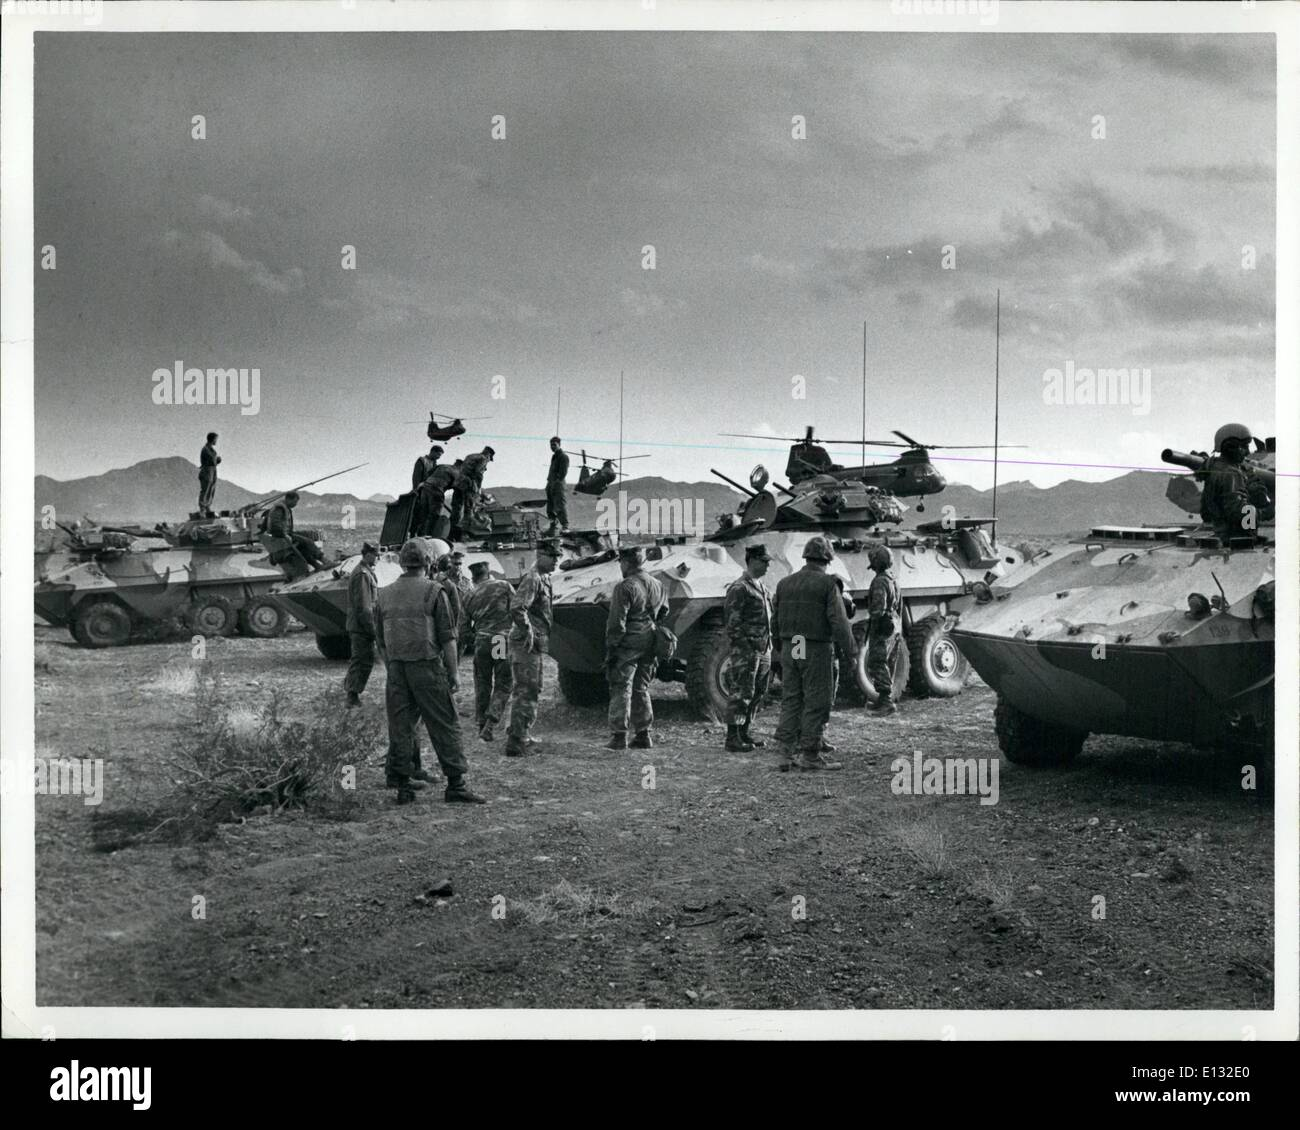 26 février 2012 - Un élément du 7e bataillon amphibie Marine (MAB) partie de la force de déploiement rapide, tenue de manoeuvres du désert dans le désert de Mojave. Photo Stock